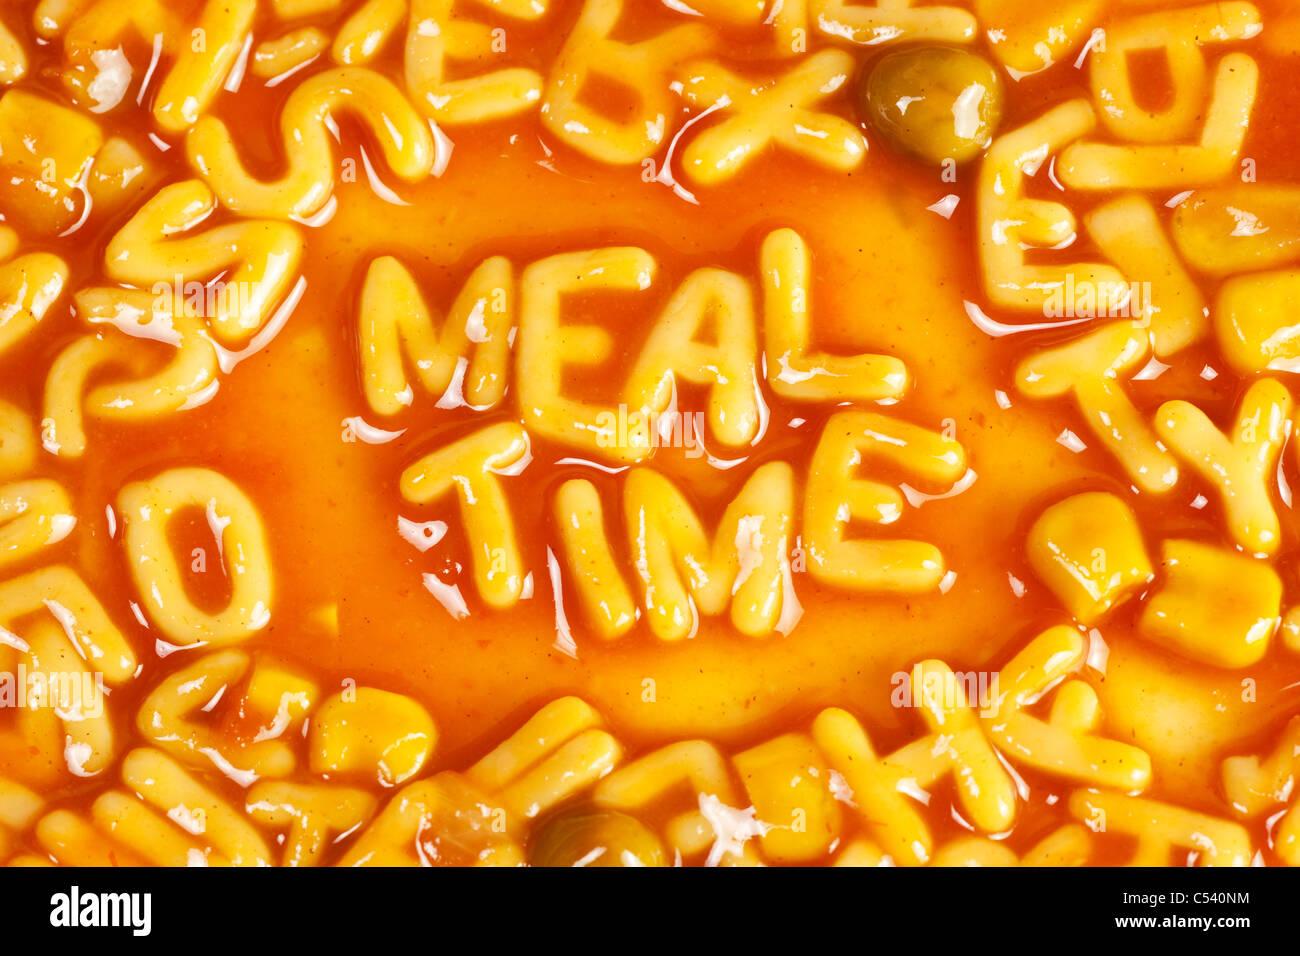 Pâtes en forme Alphabet formant le mot repas en sauce tomate Photo Stock